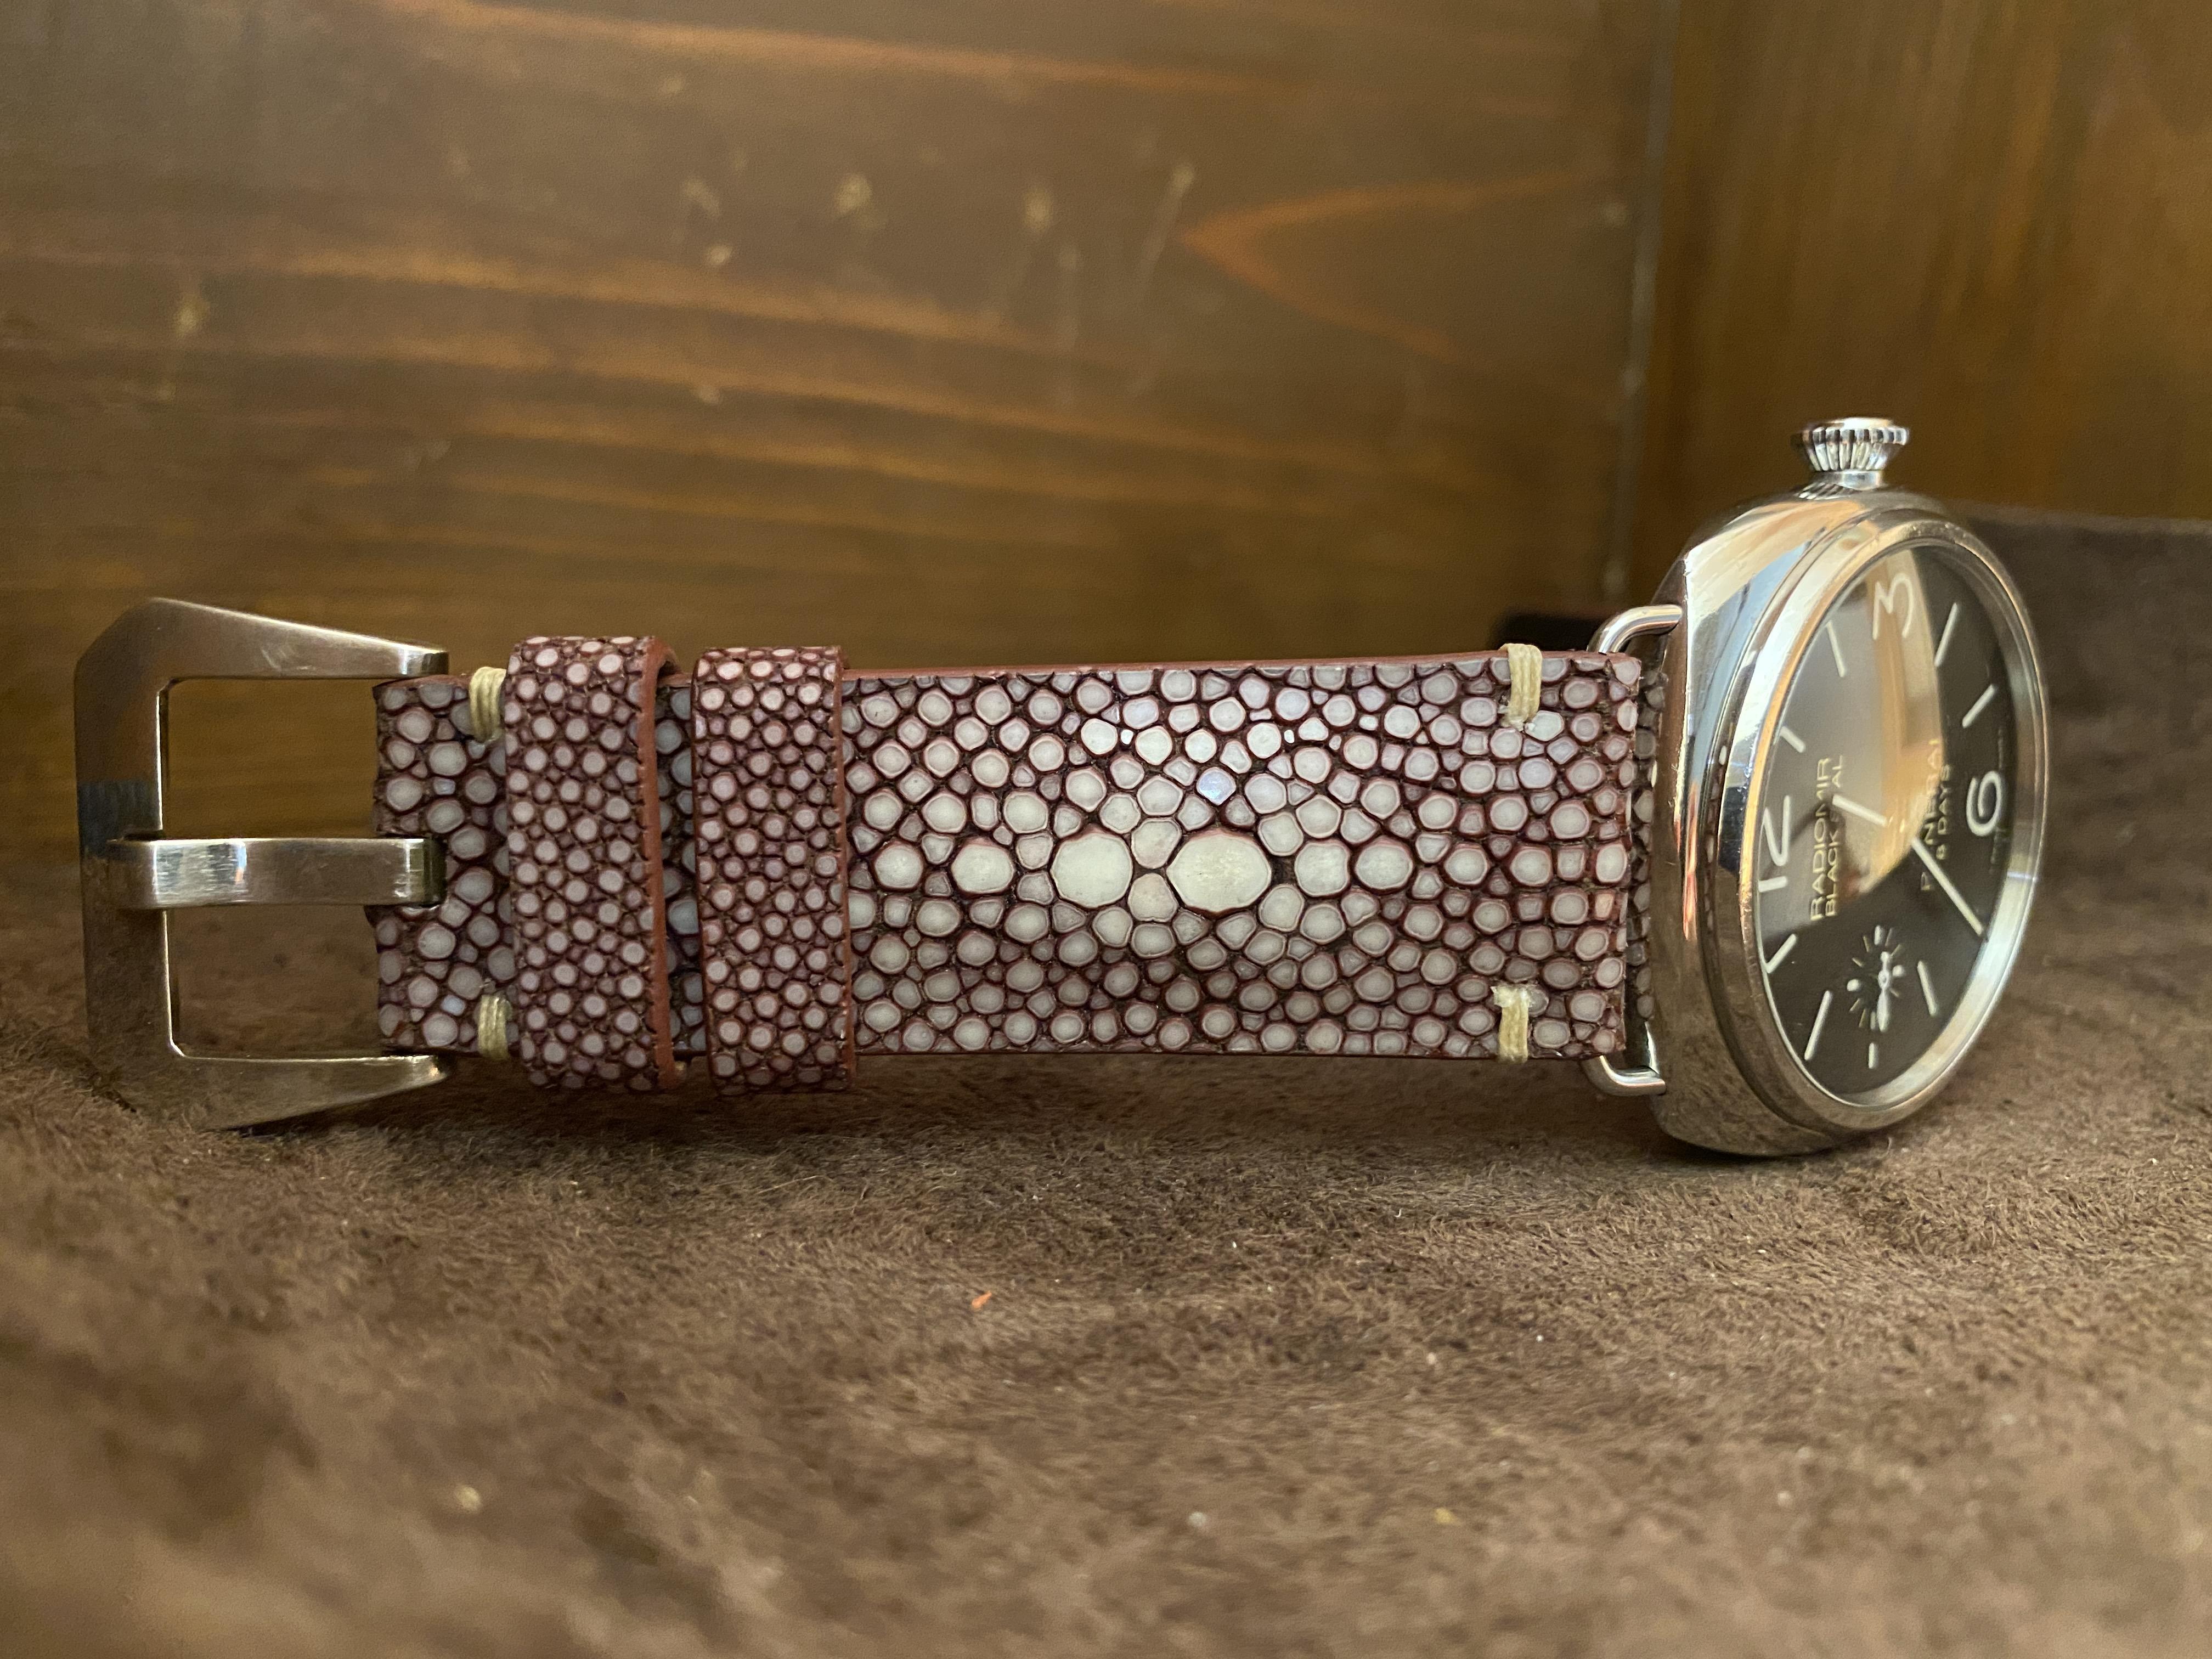 スティングレイ ガルーシャ腕時計ベルト|レザー腕時計ベルト「Yoshiki-WatchBox」